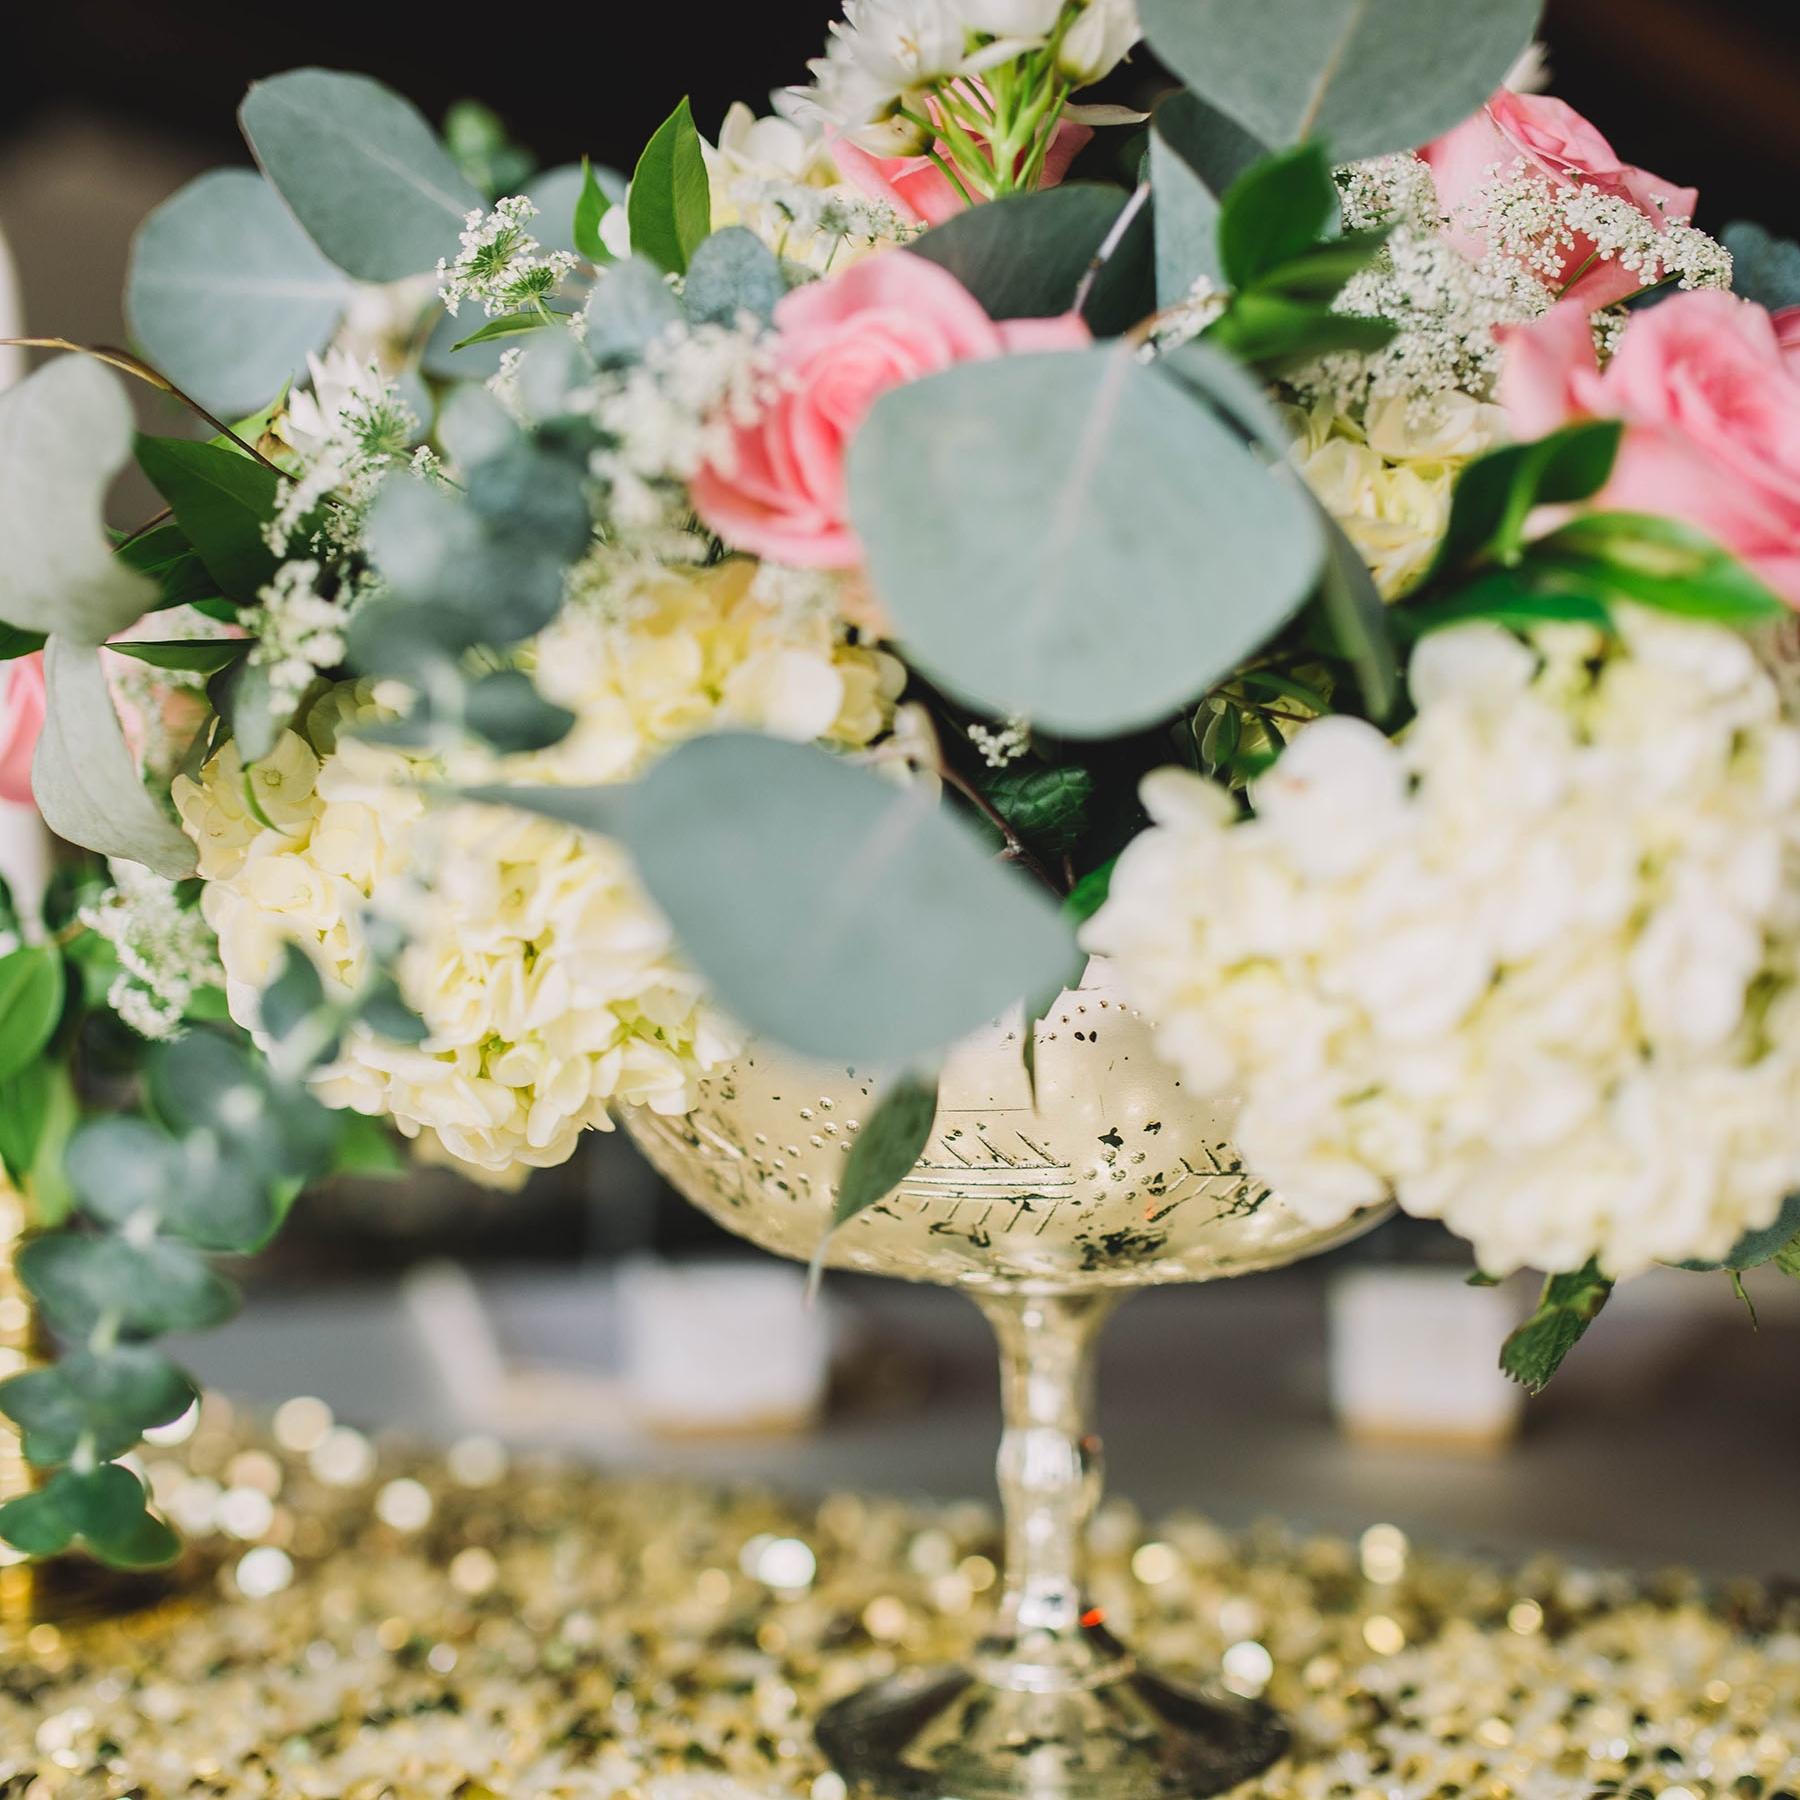 julieth-bravo-services-wedding-planner-miami.jpg